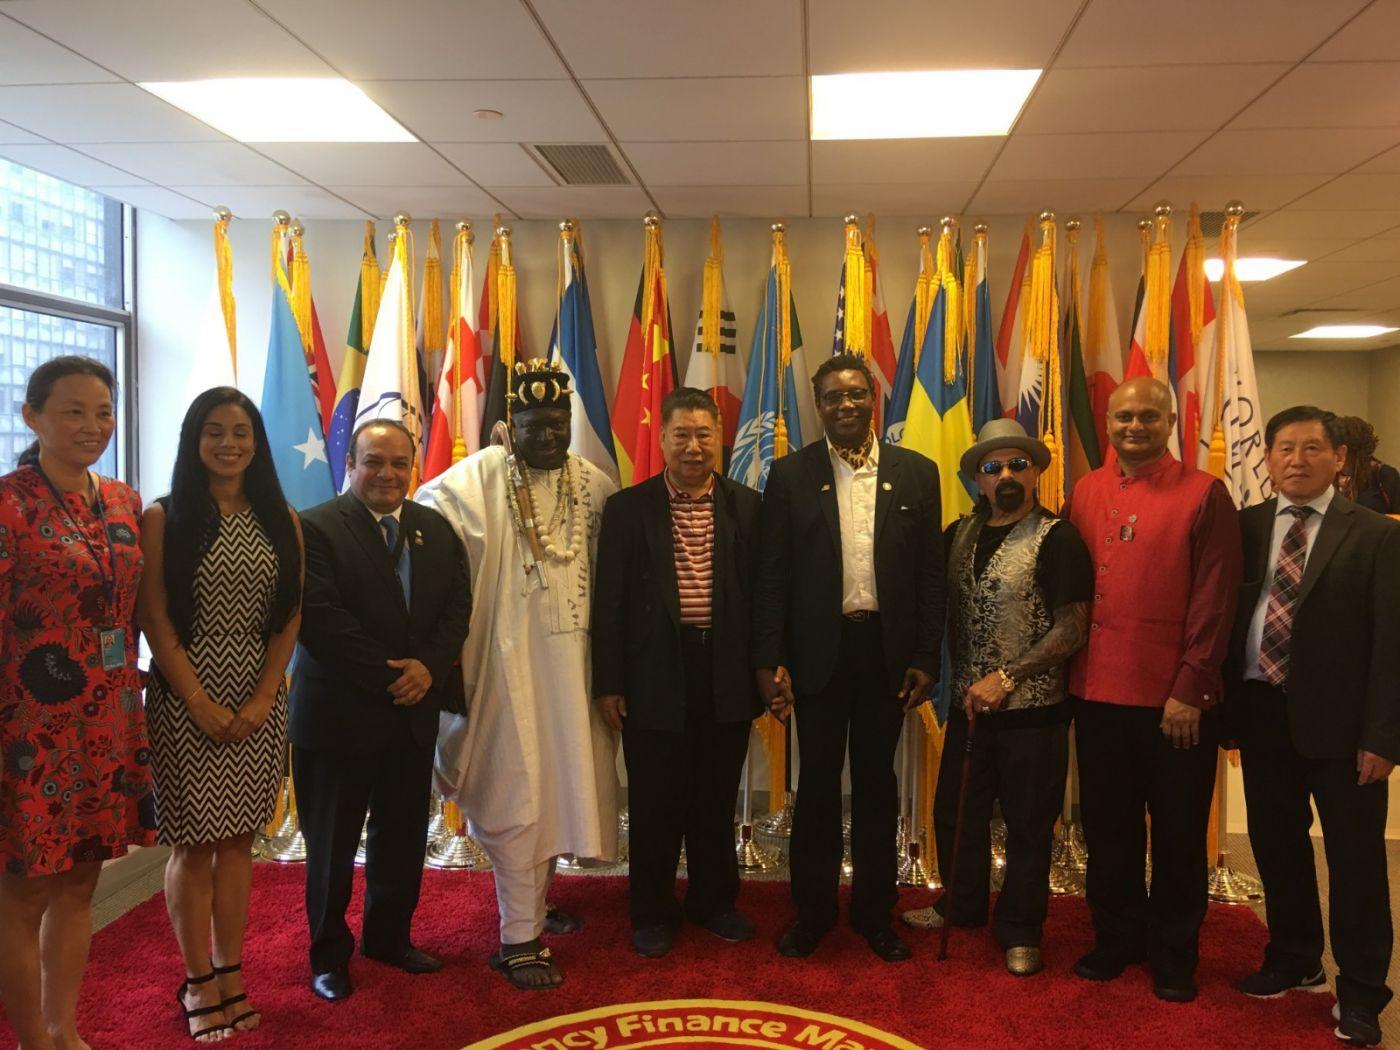 聯合國中華媽祖文化發展基金會受邀参加聯合國納尔遜.曼德拉国际日的一系列活动 ..._图1-4